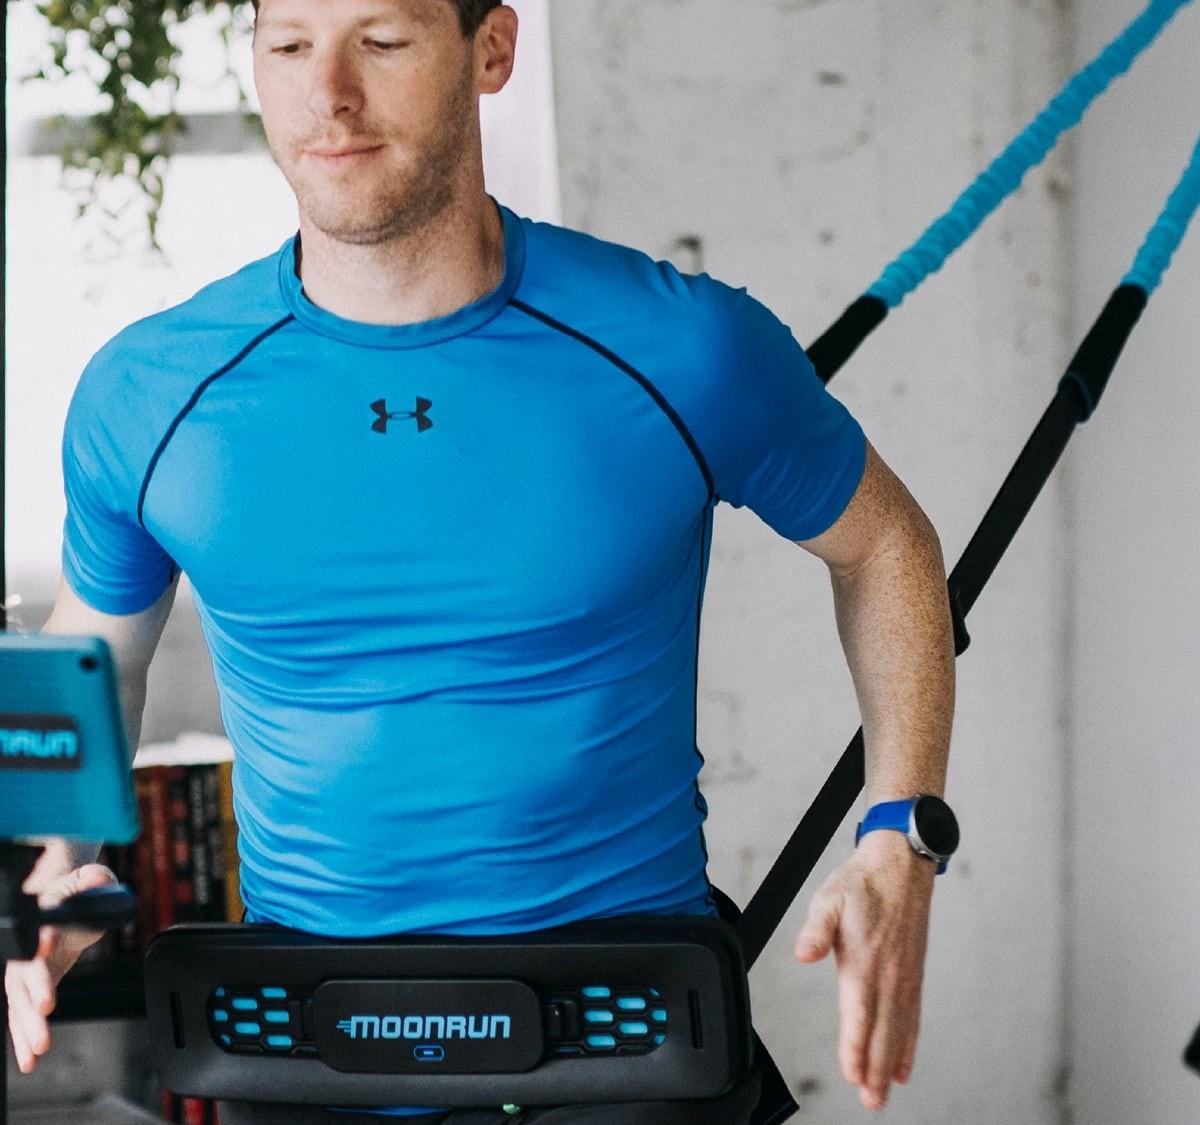 MoonRun Indoor Aerobic Trainer will change the way you run